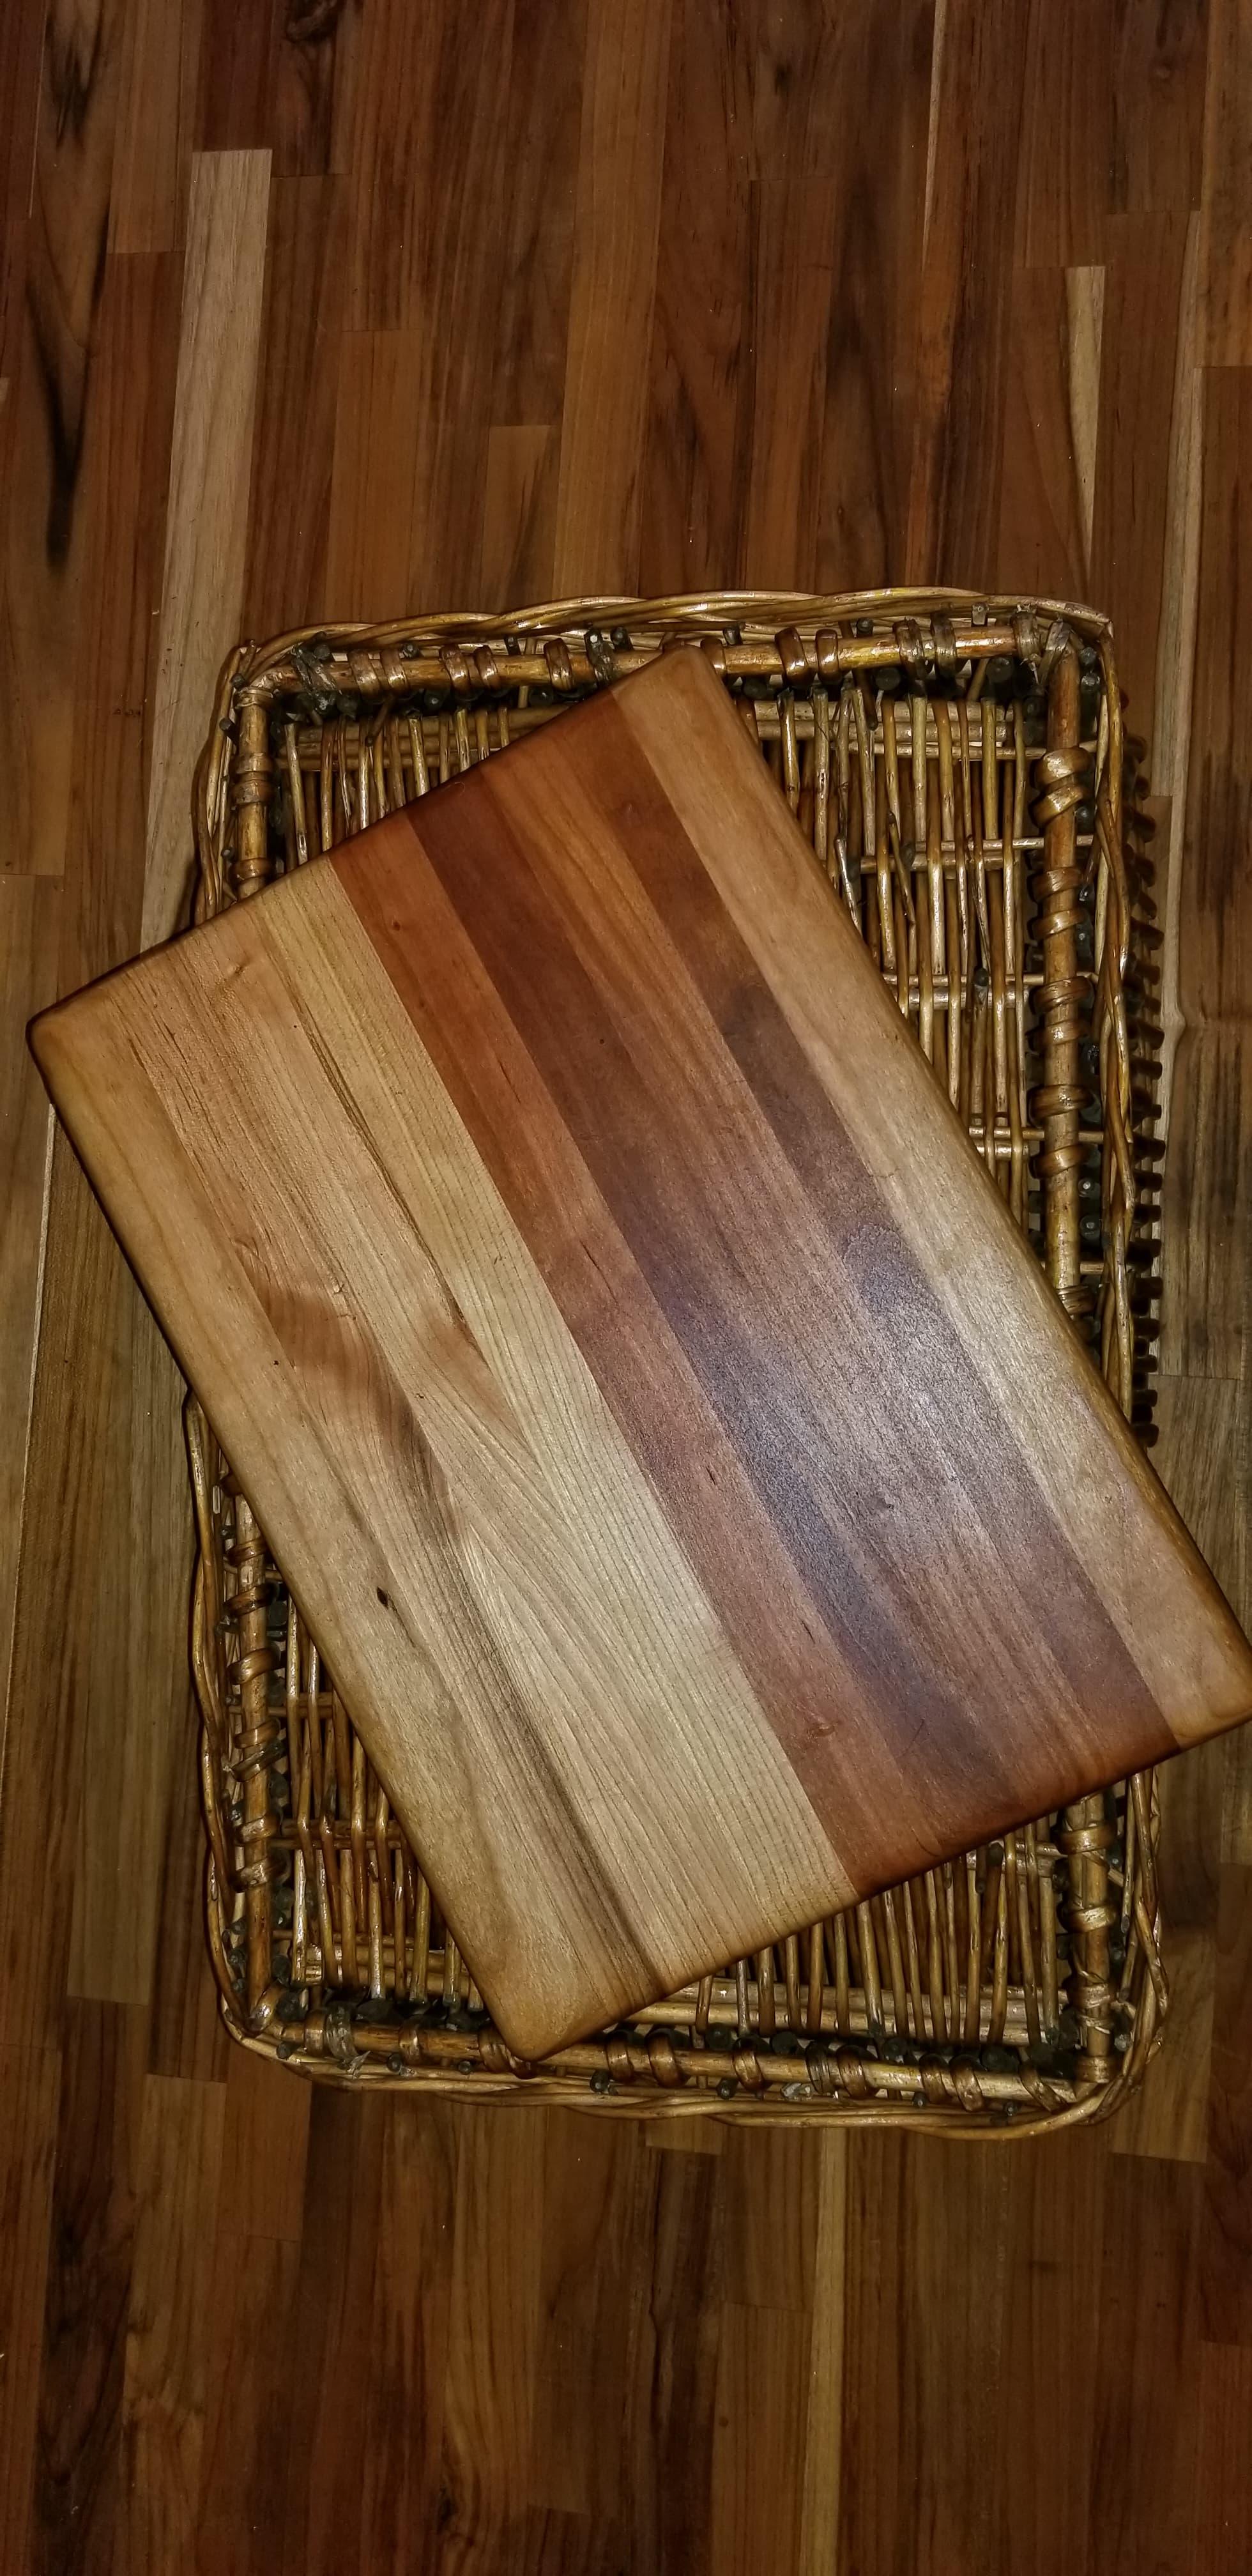 $75 - 15 x 11 x 1 hardwood